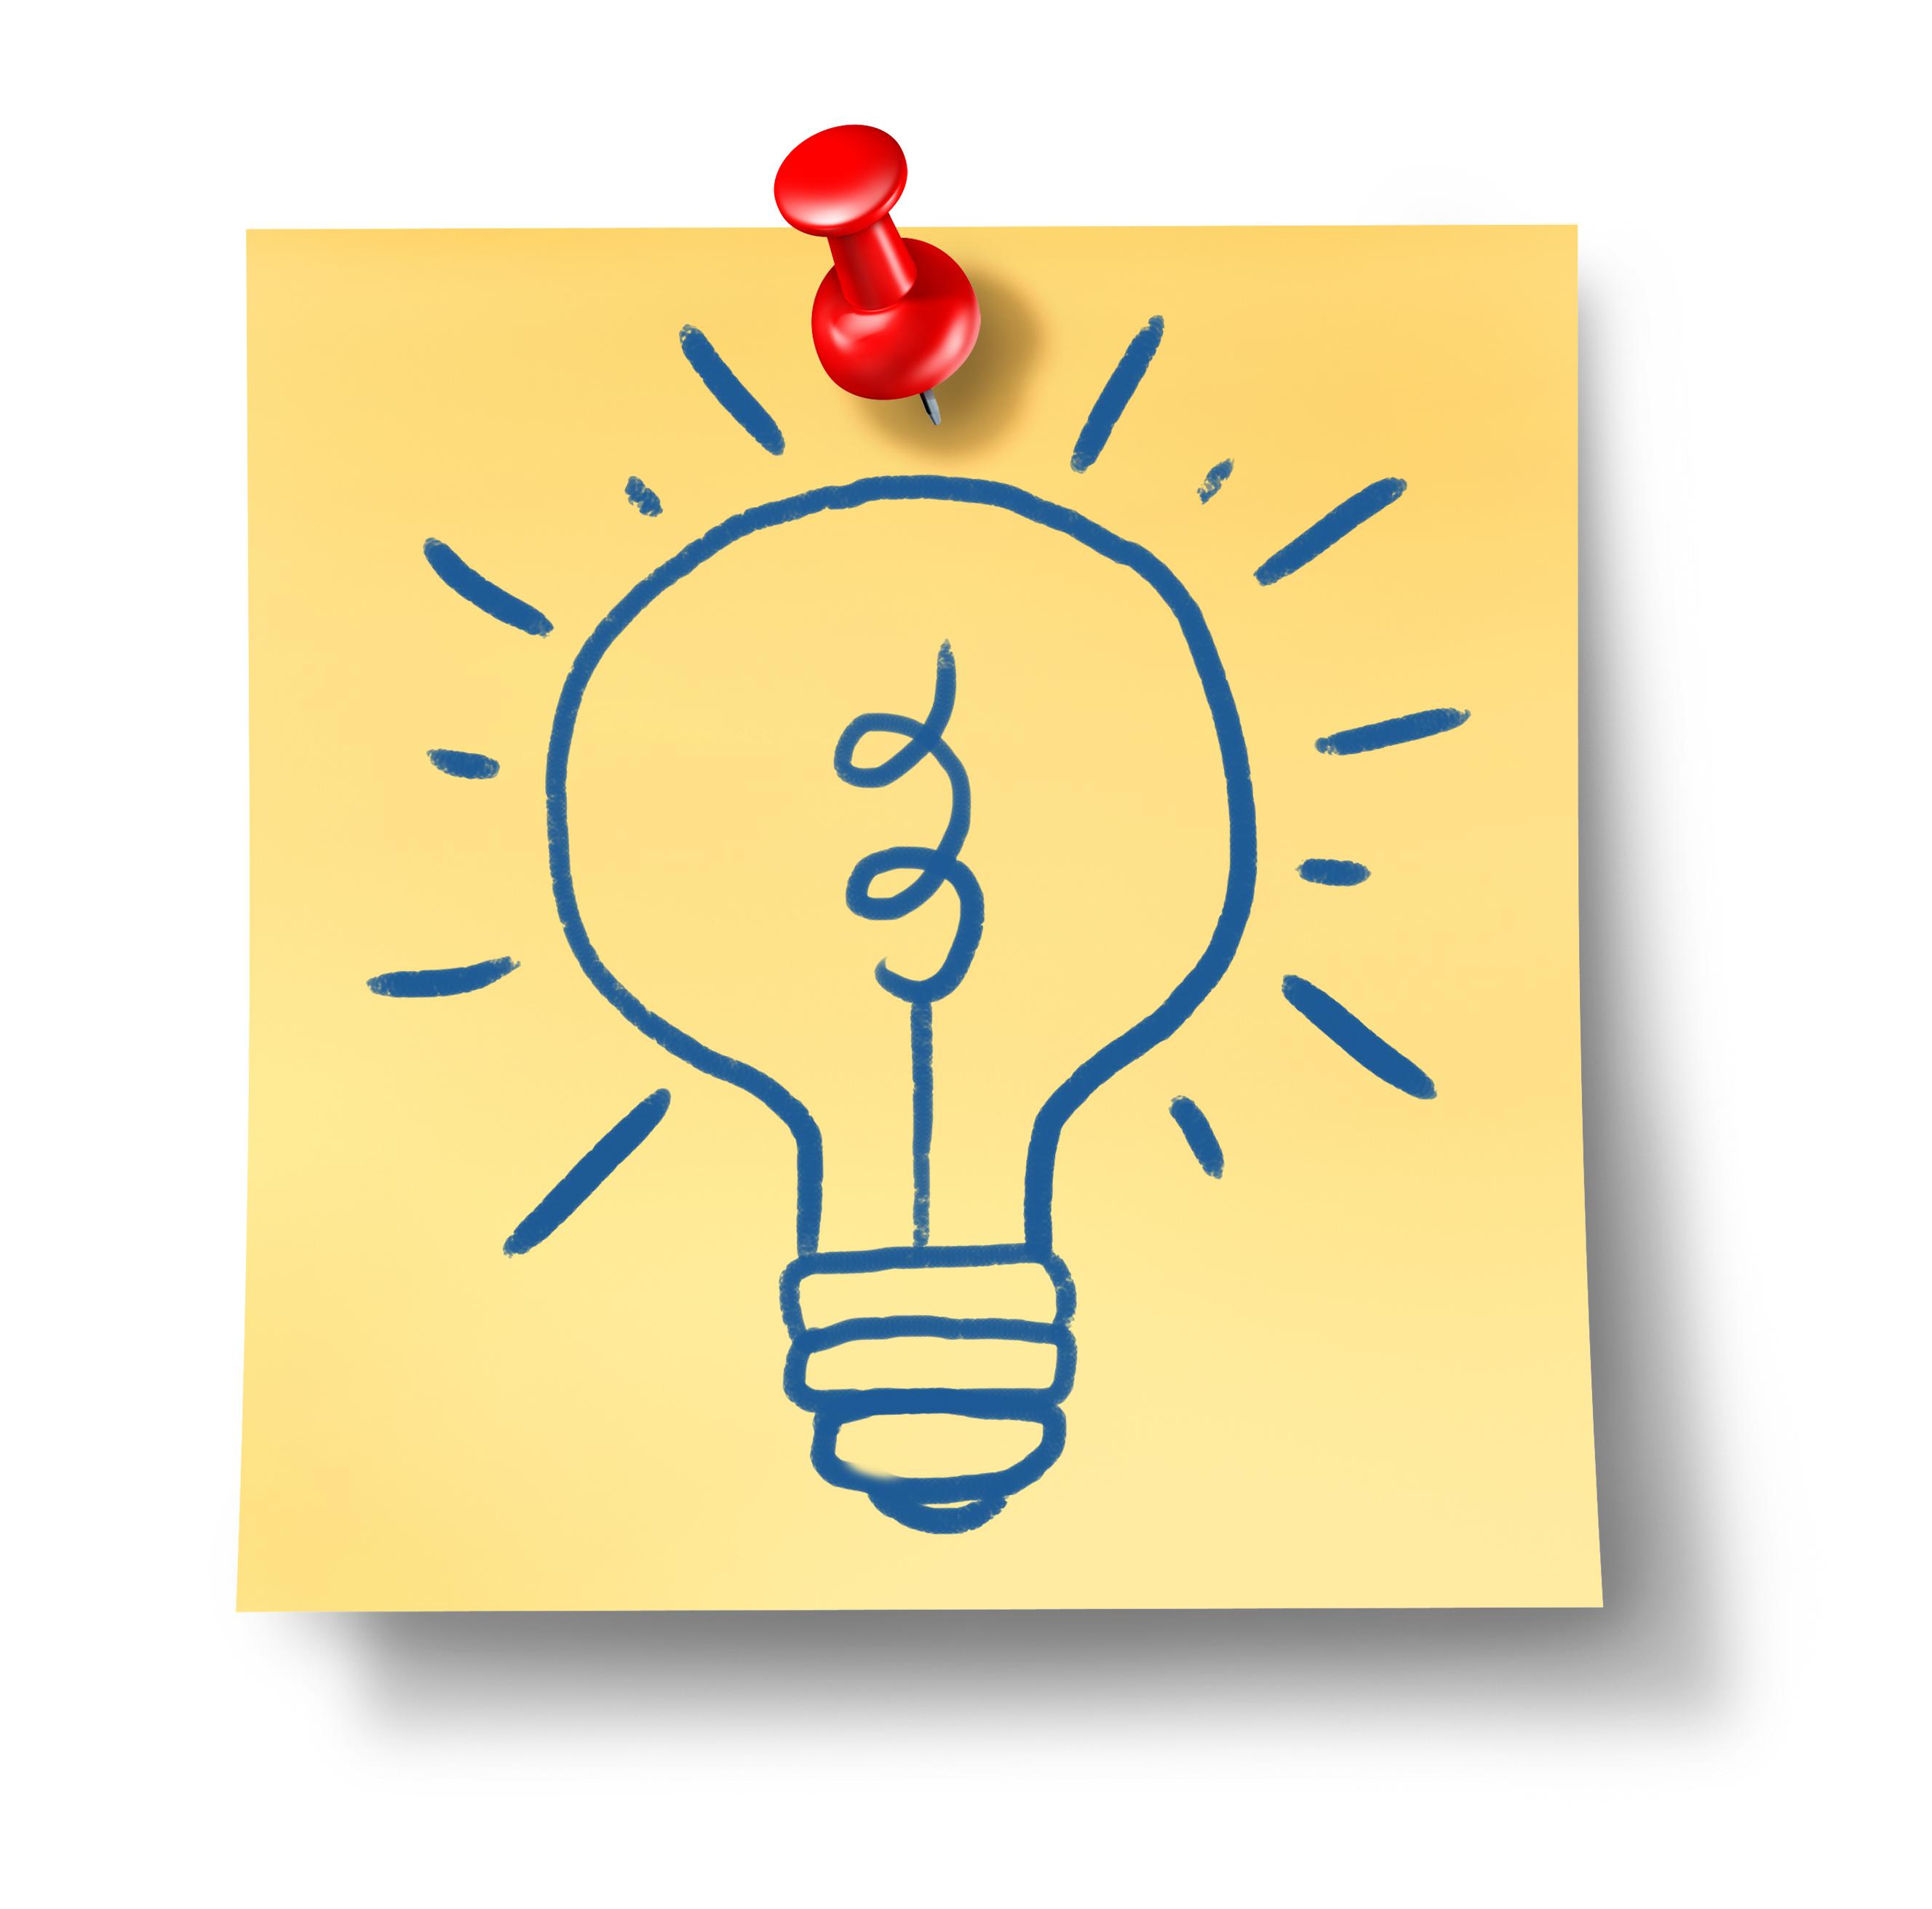 En cuanto al nuevo Proyecto de Ley de Patentes